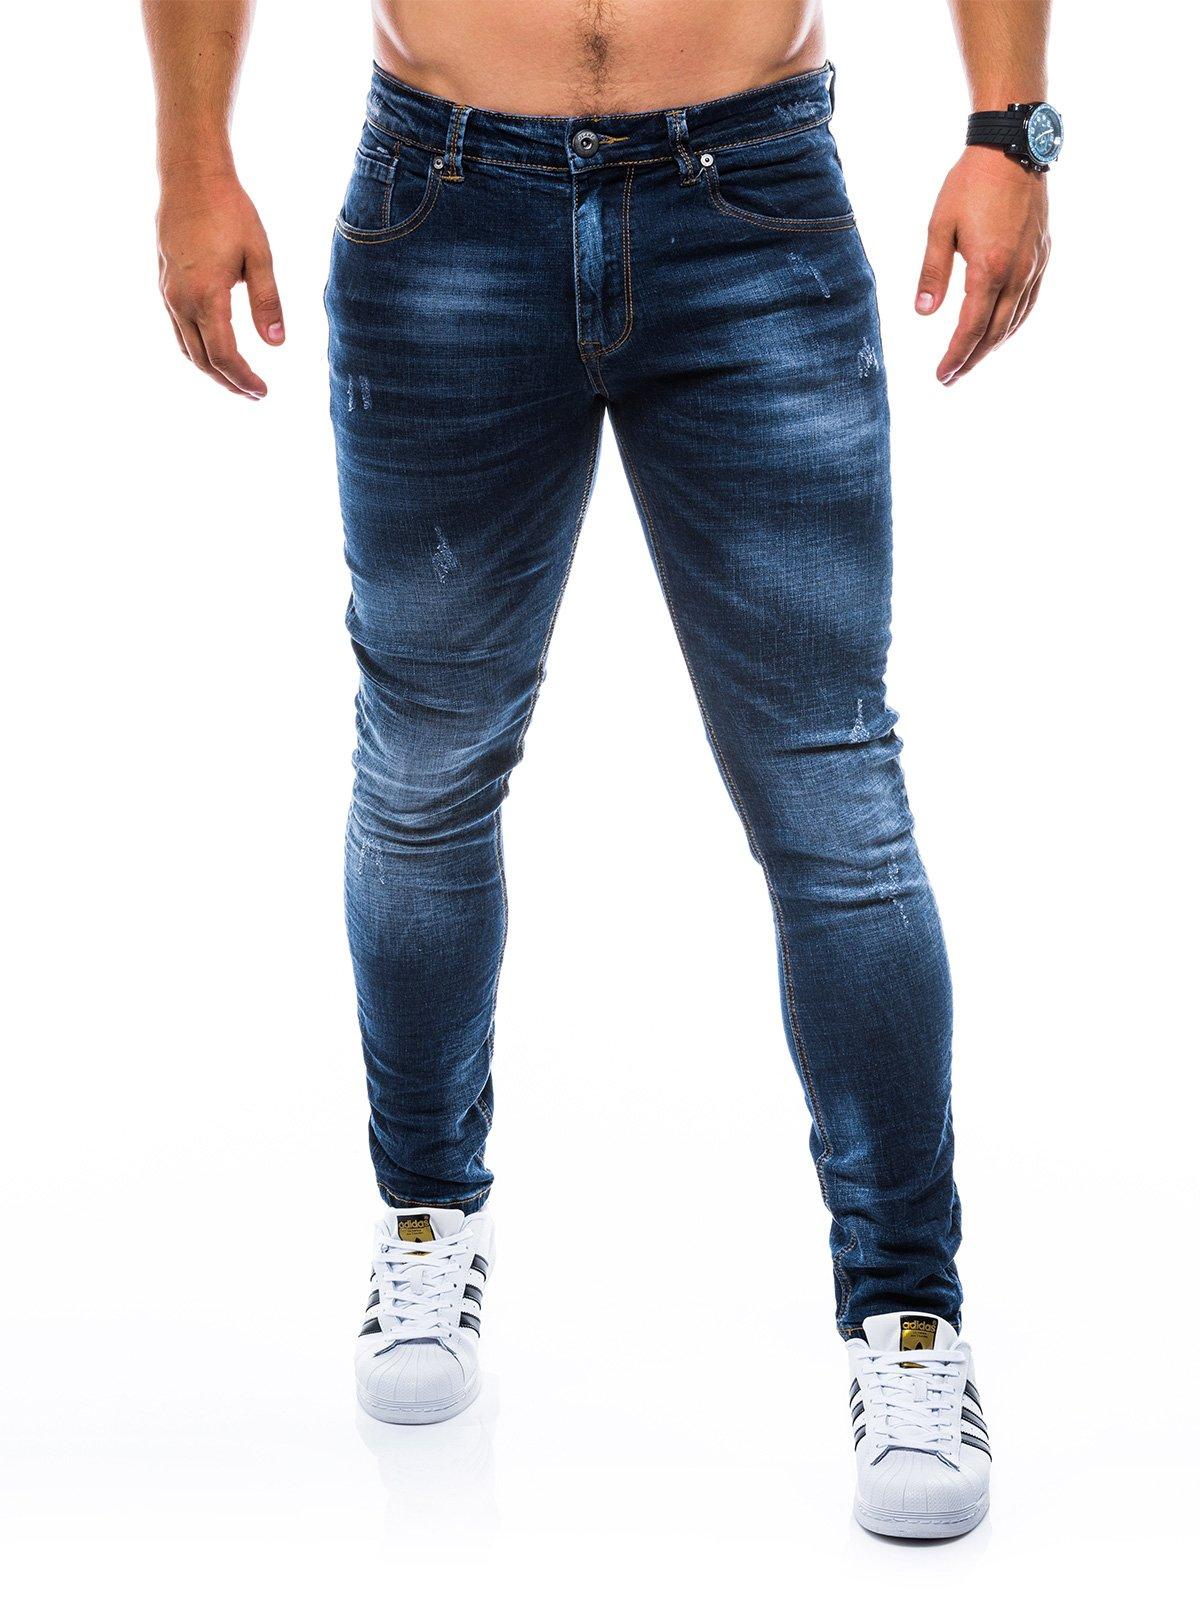 9c642813 Брюки мужские джинсовые P750 - тёмно-синие | МУЖСКОЕ \ Штаны ...